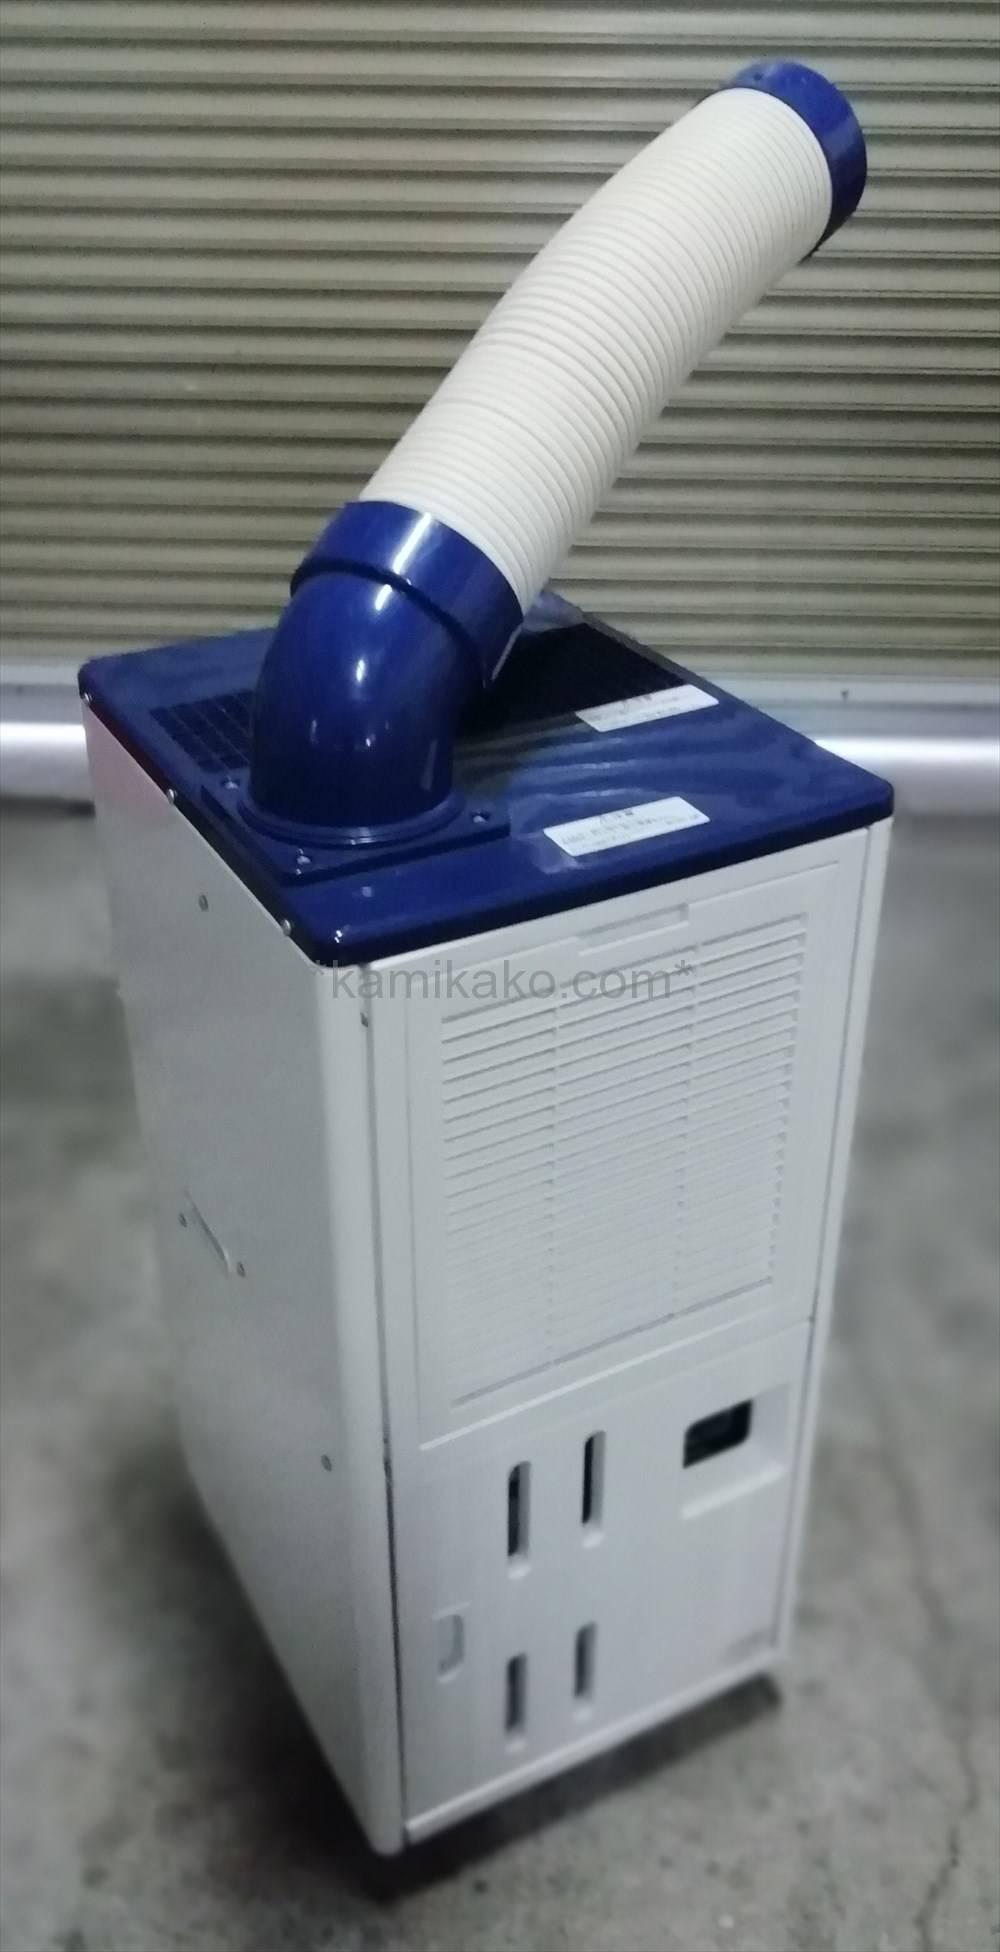 """床置き型スポットエアコン(冷房専用) JA-SP25J """"冷房能力2.2/2.5KW"""" ハイアール(Haier)製                                                                おすすめ関連商品"""